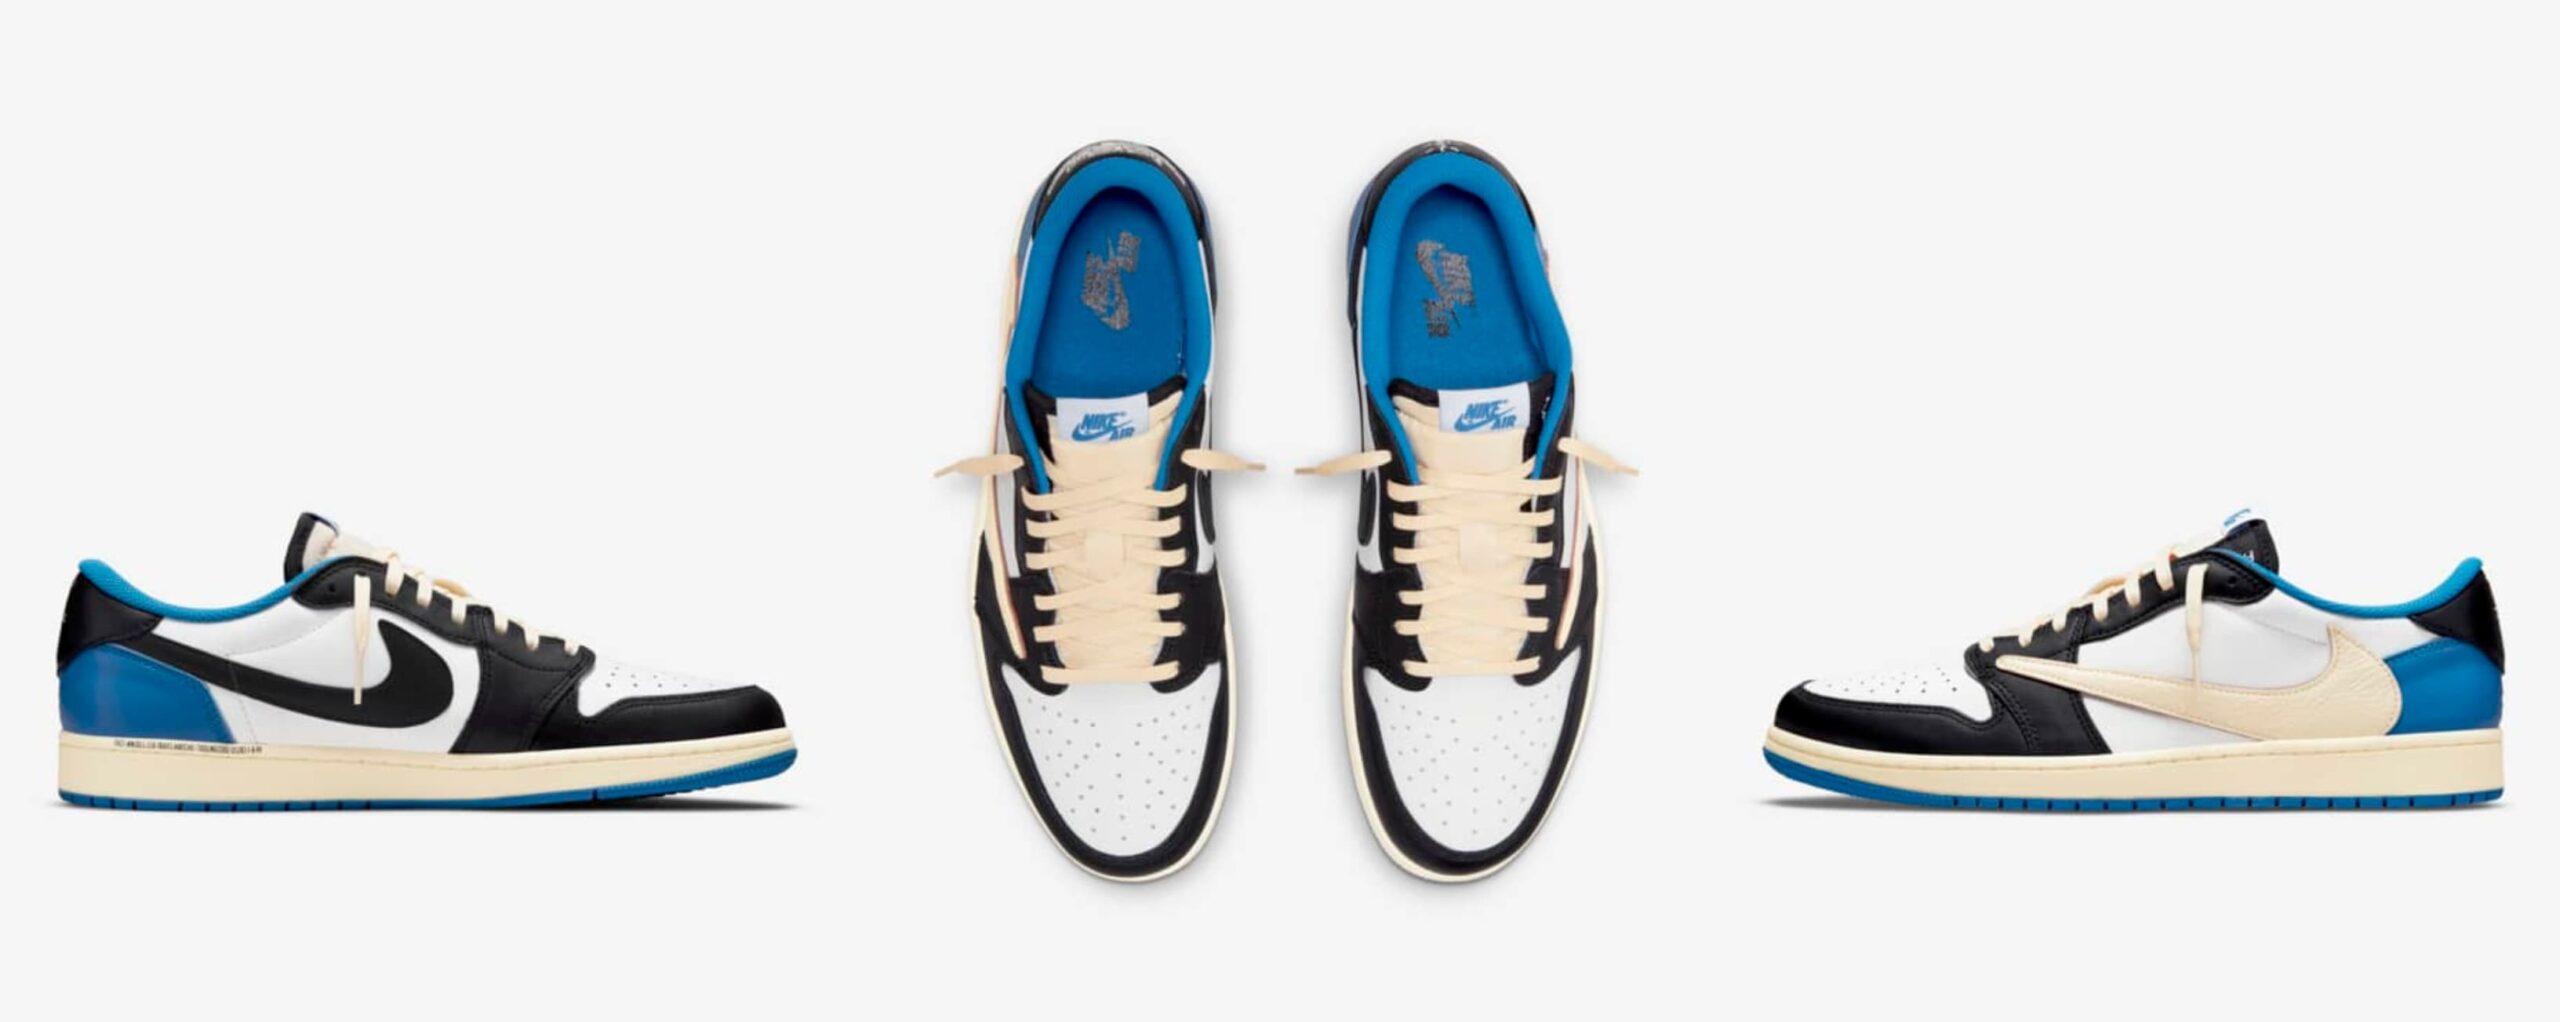 Así son las nuevas zapatillas de Nike x Travis Scott